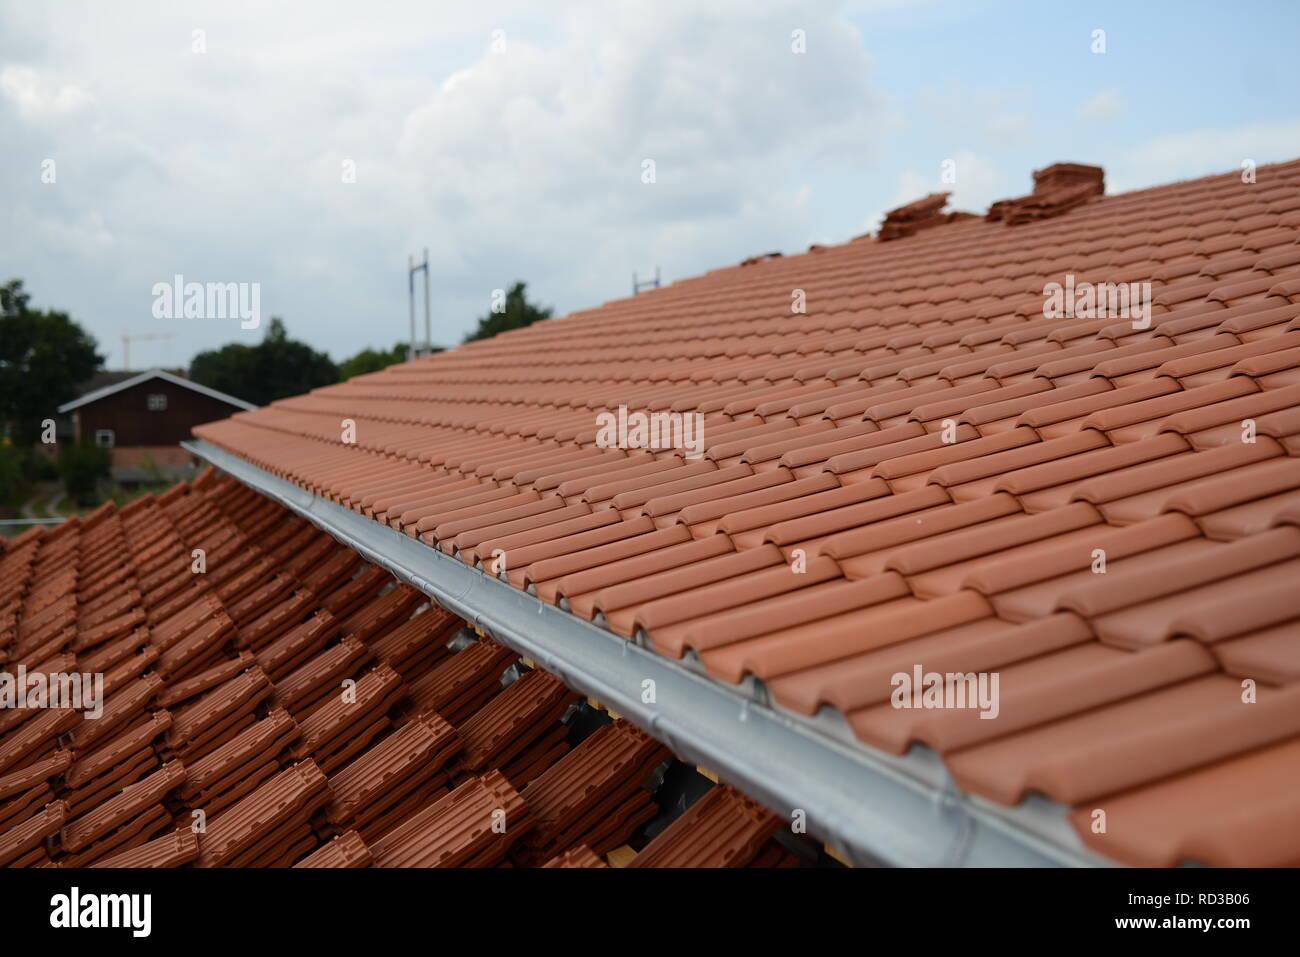 Freier Platz auf Dach Baustelle neu mit roten Dachziegeln Tonpfannen eindecken. Dachdecker Arbeit Handwerk Deutschland. Haus Dach Dachpfannen neu - Stock Image